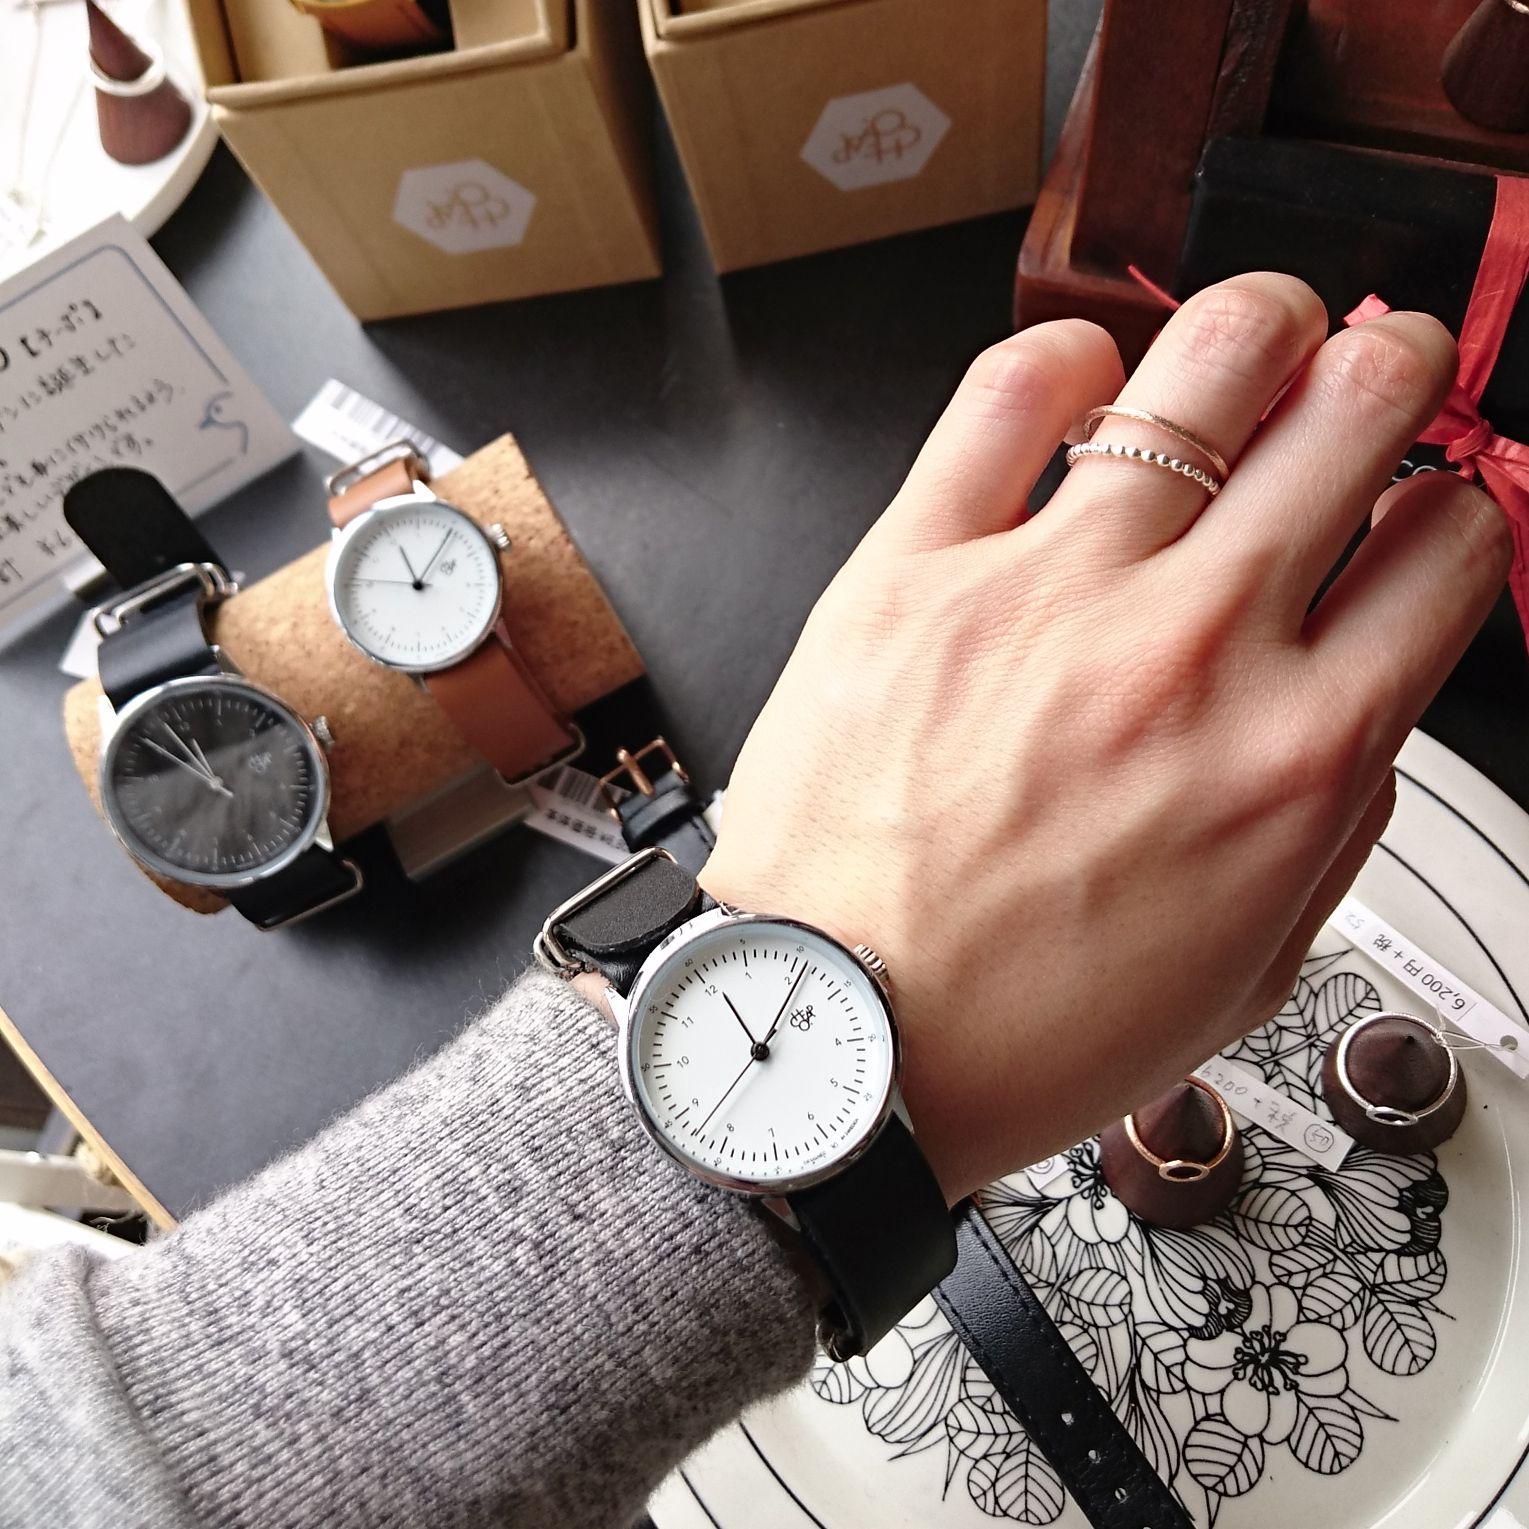 58498a1d3c スウェーデンデザイン【cheapo】の腕時計。シンプルでミニマルなデザインなので、ビジネス